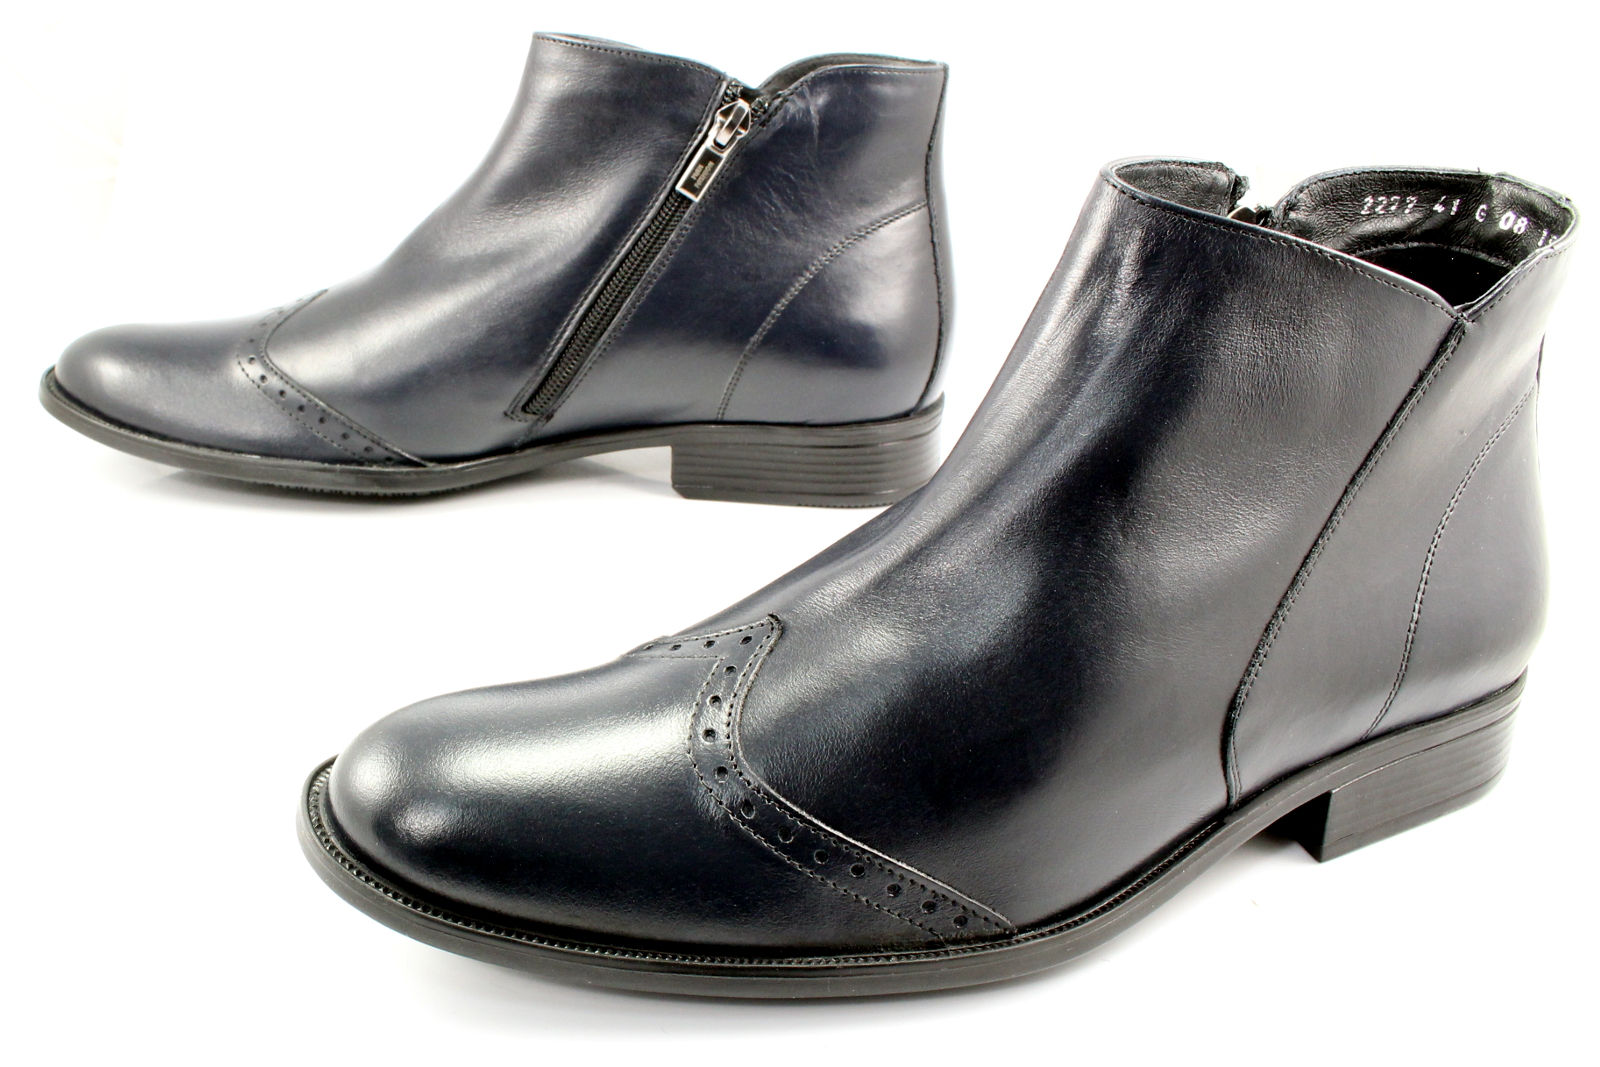 9d868efe8b1ec 2277 GRANAT - Wysokie, eleganckie, skórzane buty męskie WYPRZEDAŻ ...